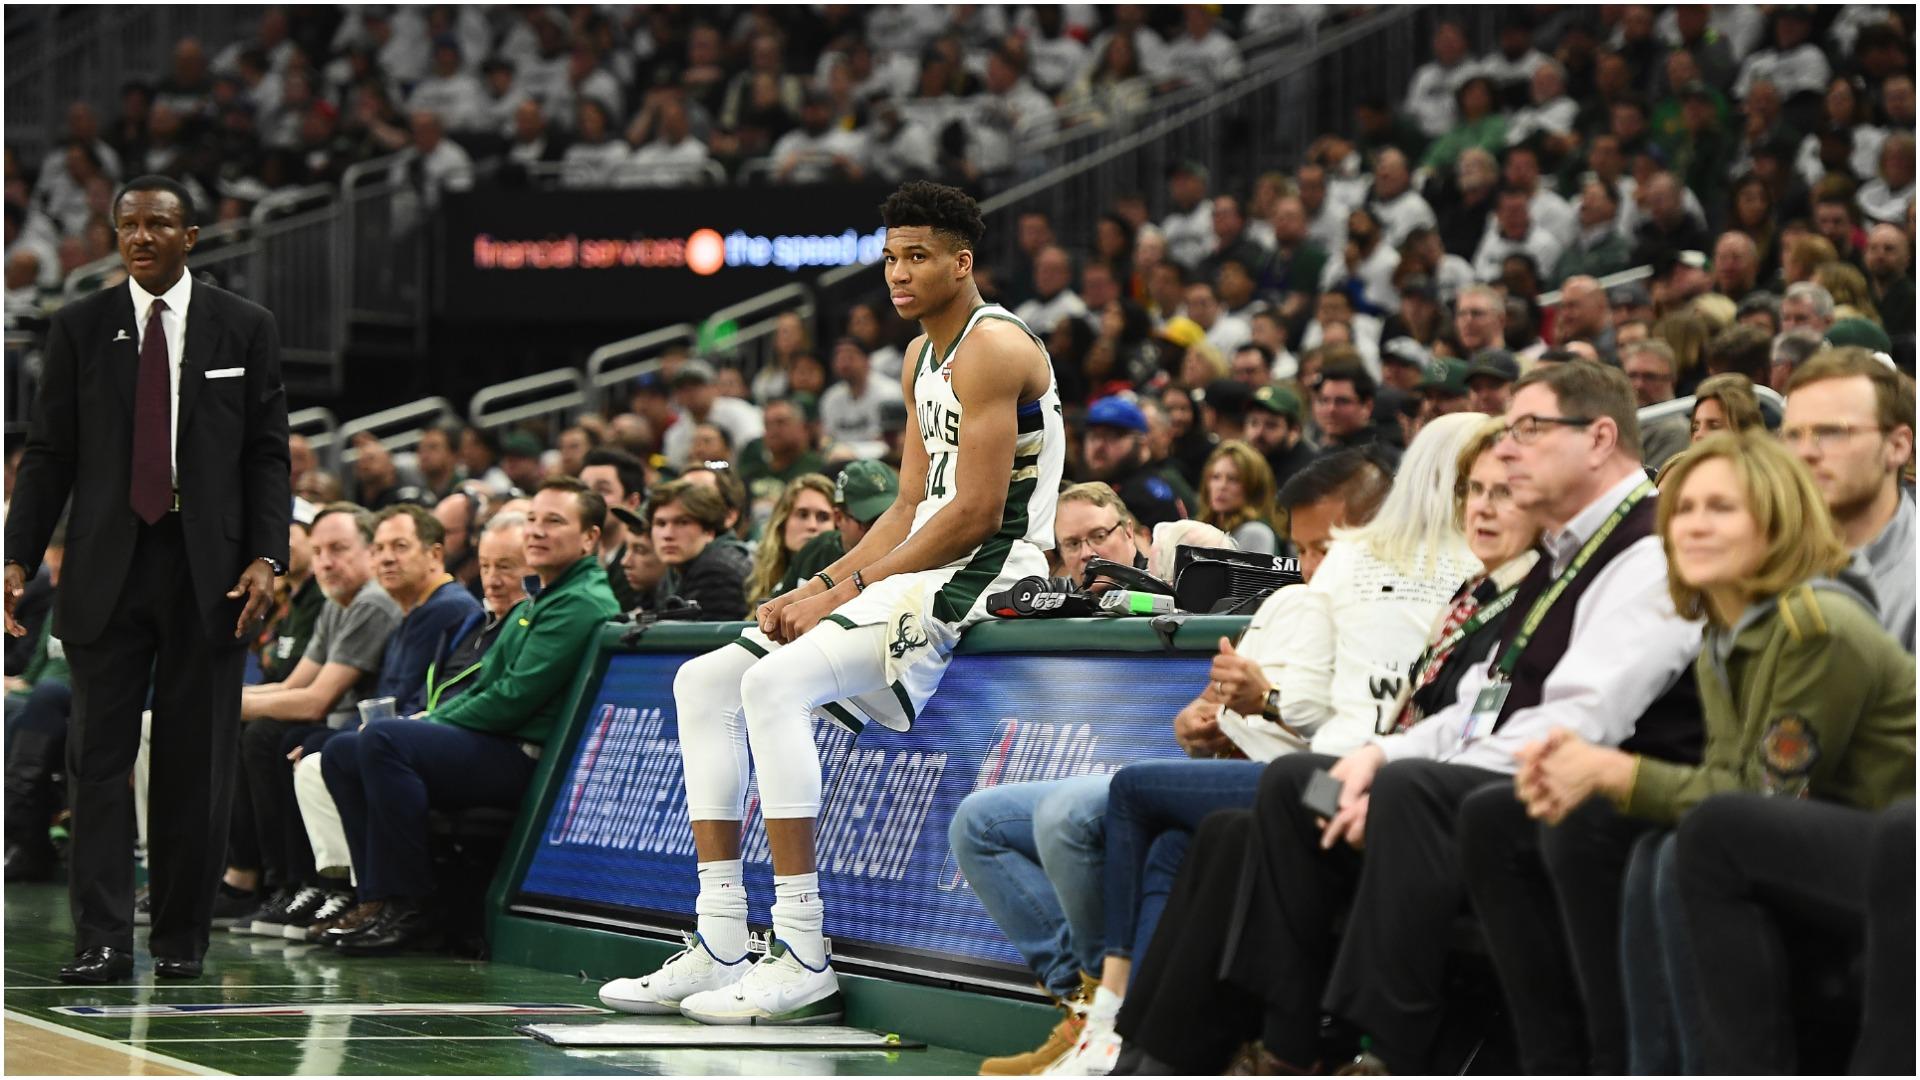 NBA playoffs 2019: Giannis Antetokounmpo has faith in Mike Budenholzer to keep him fresh